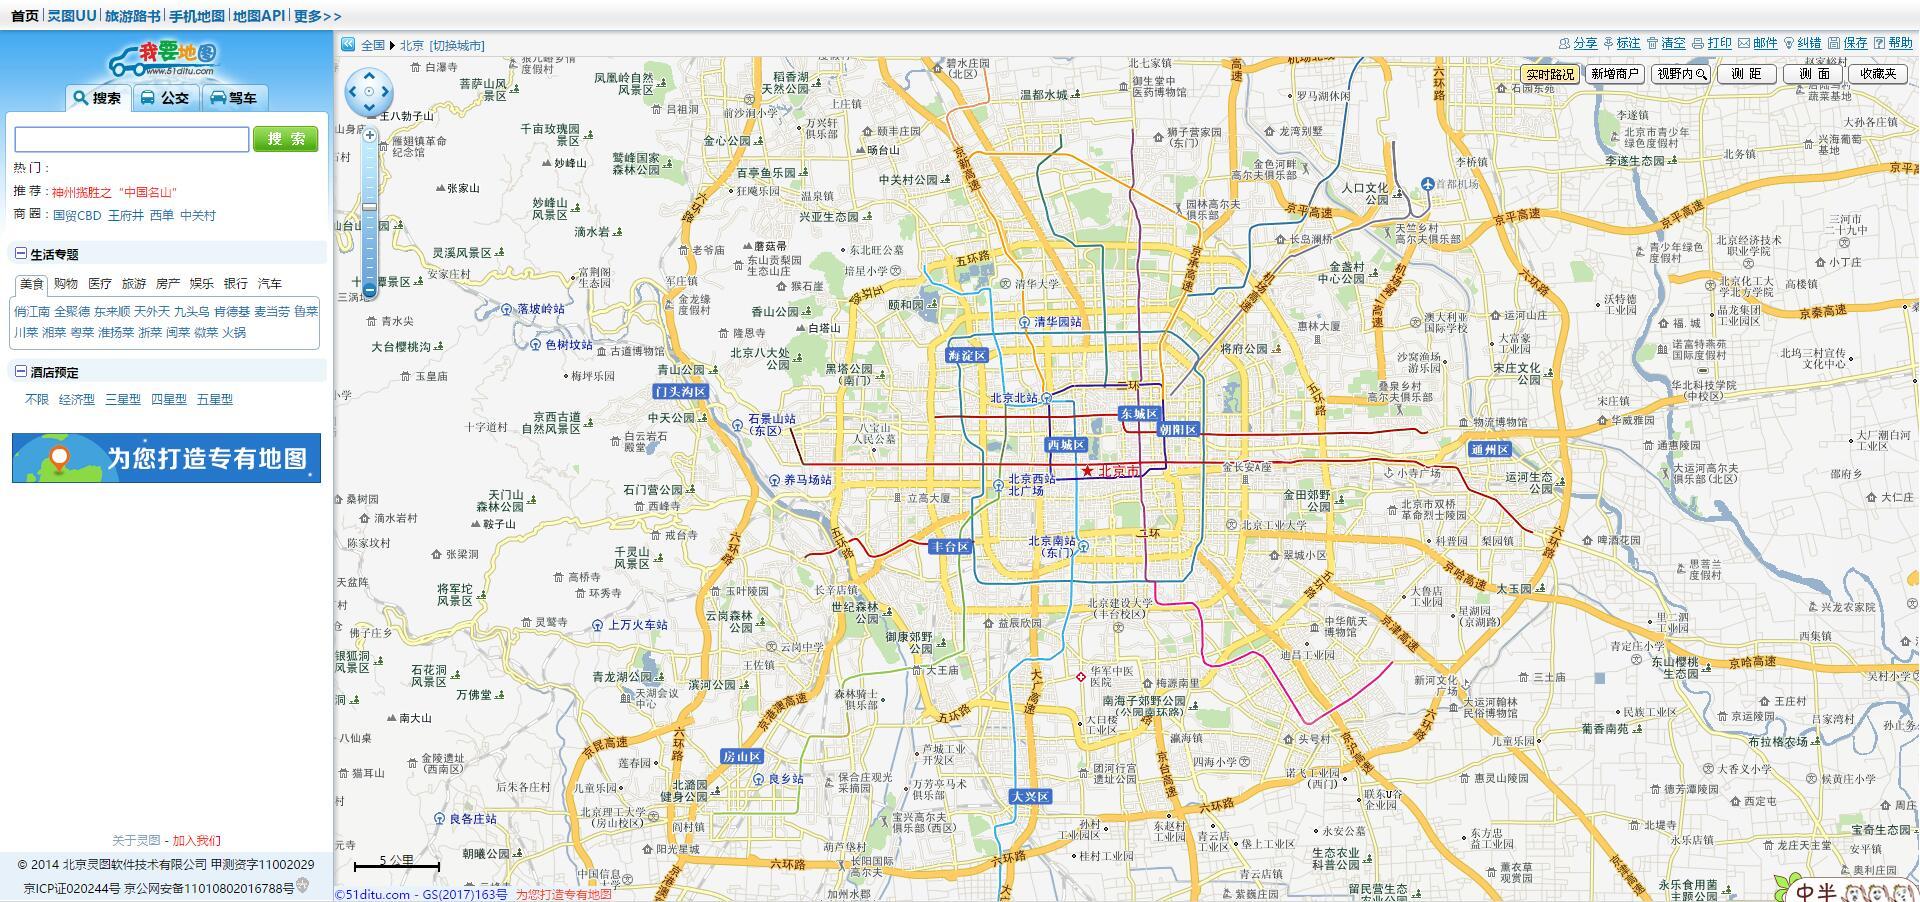 51地图桌面版 v2.0 最新版 0